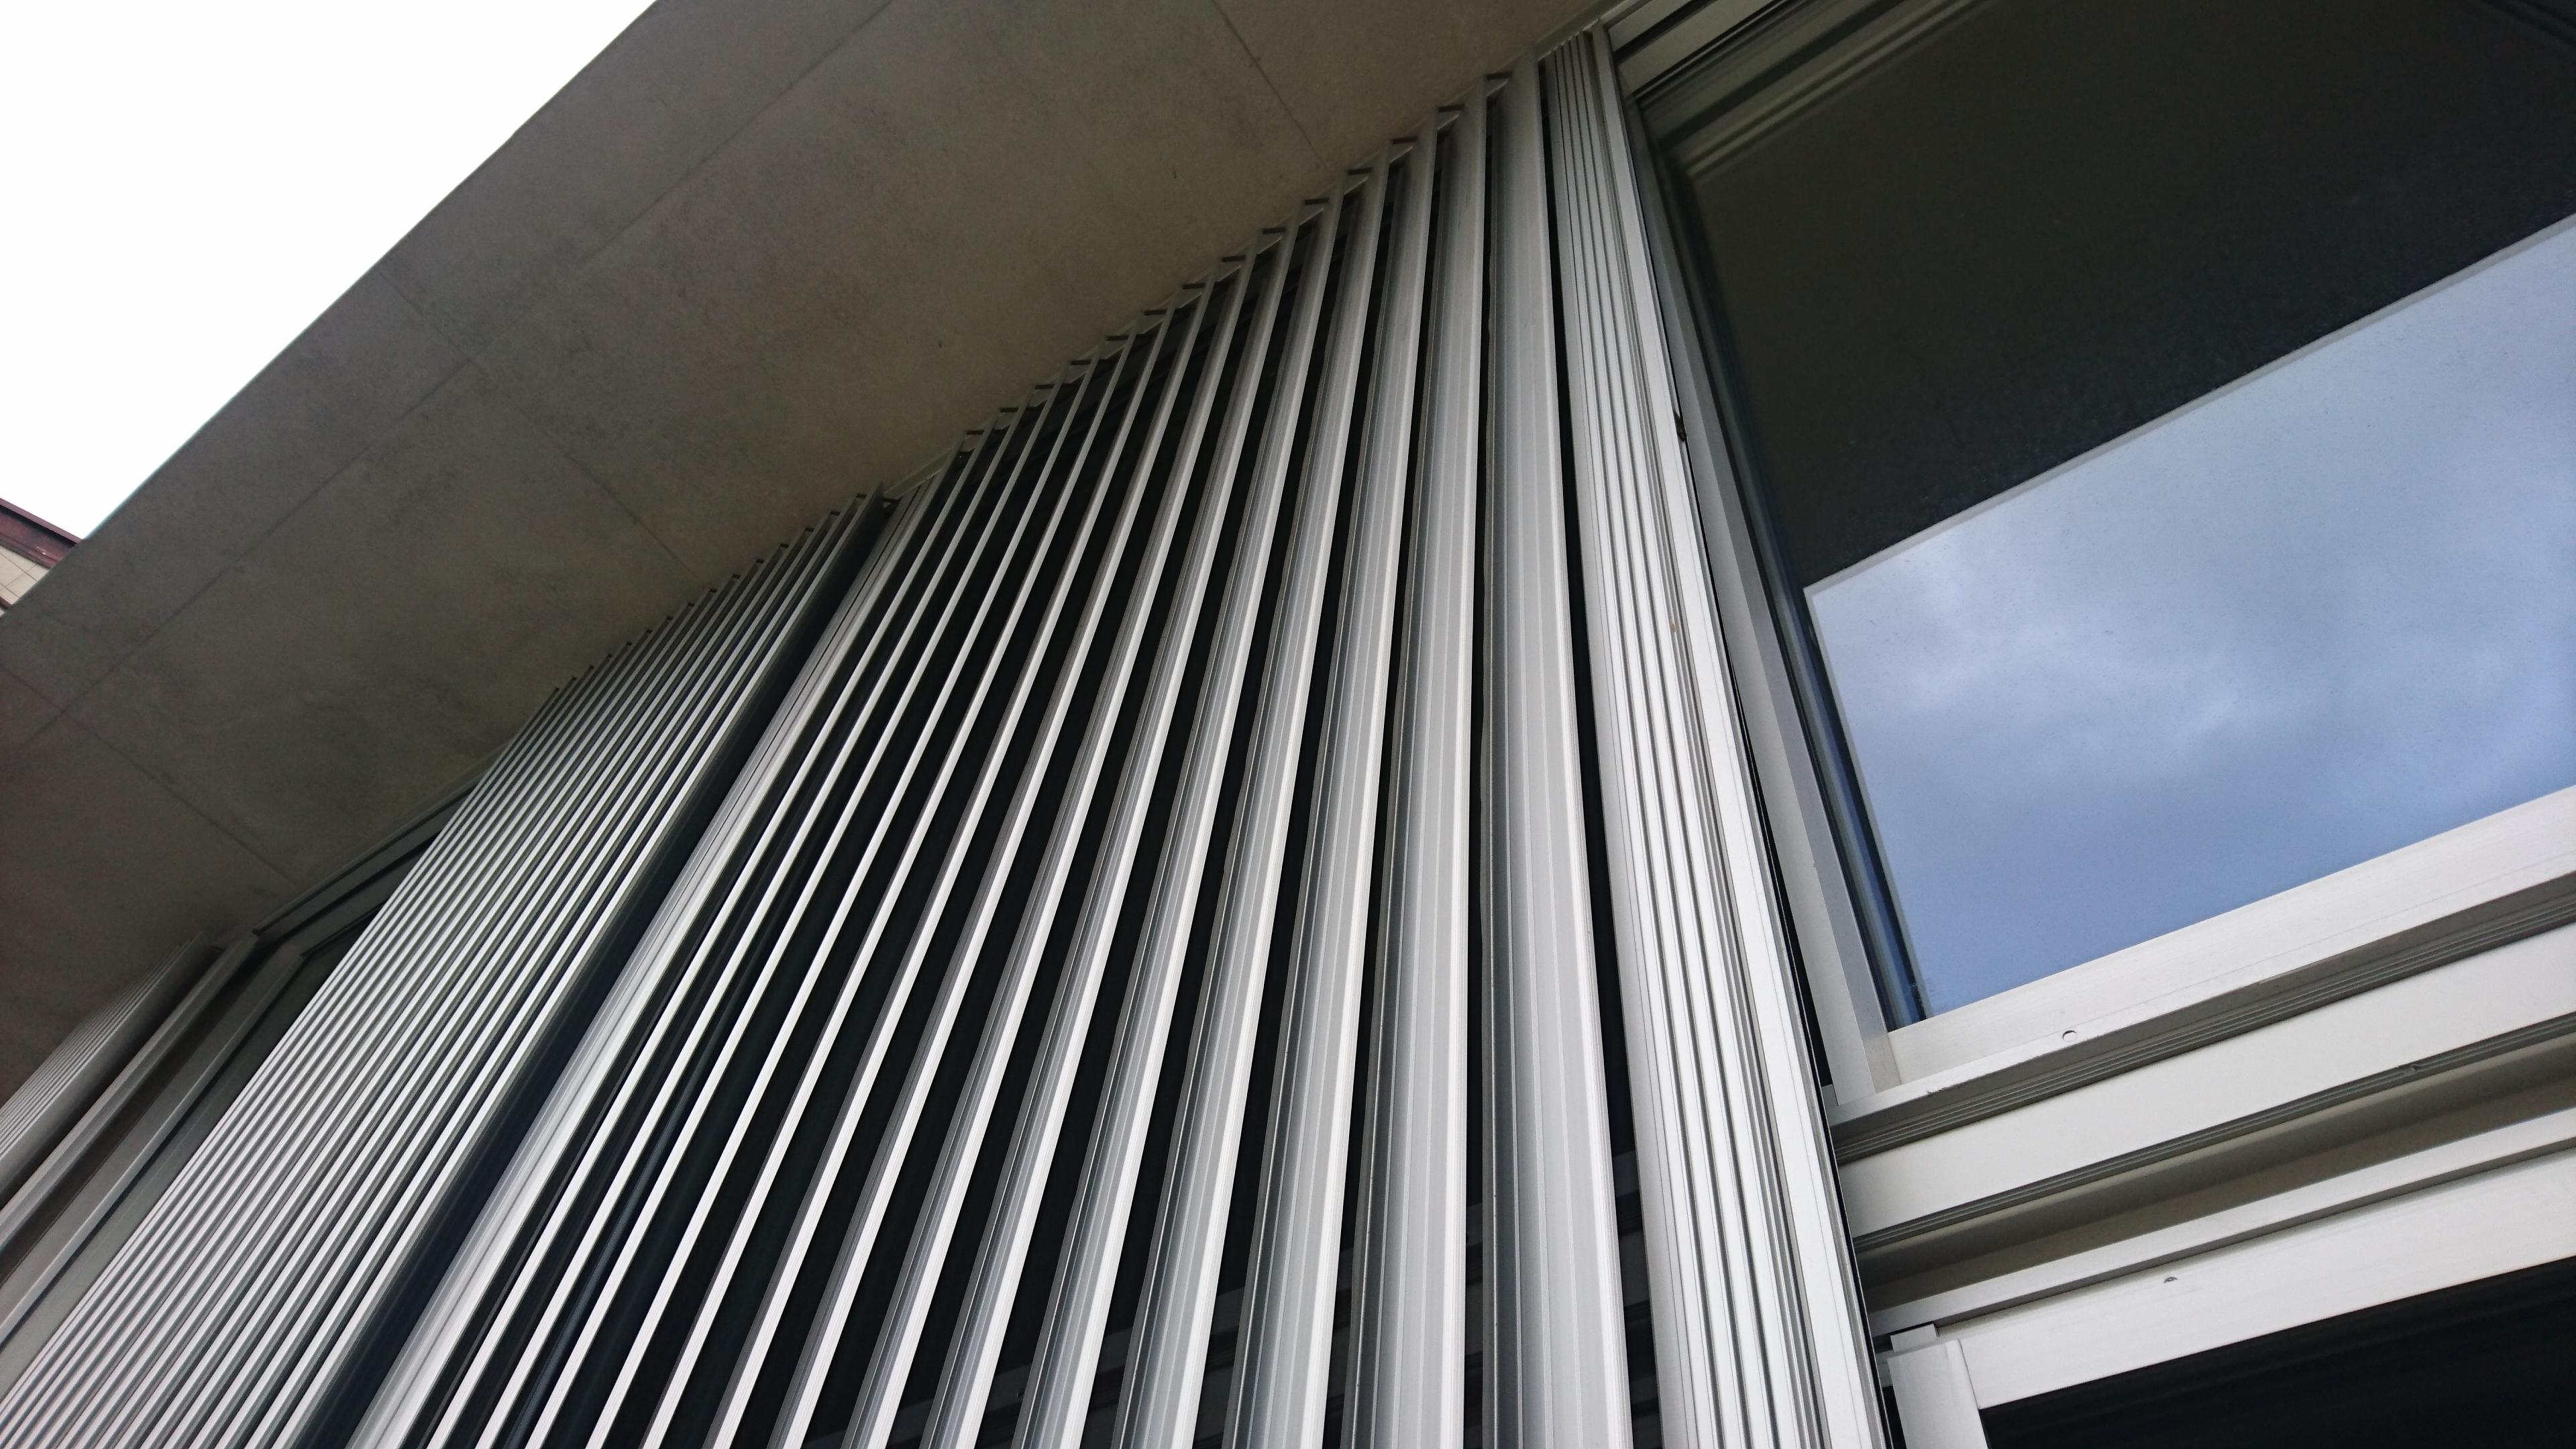 リビング窓に設置 主にブラインドの様に日よけとして使用